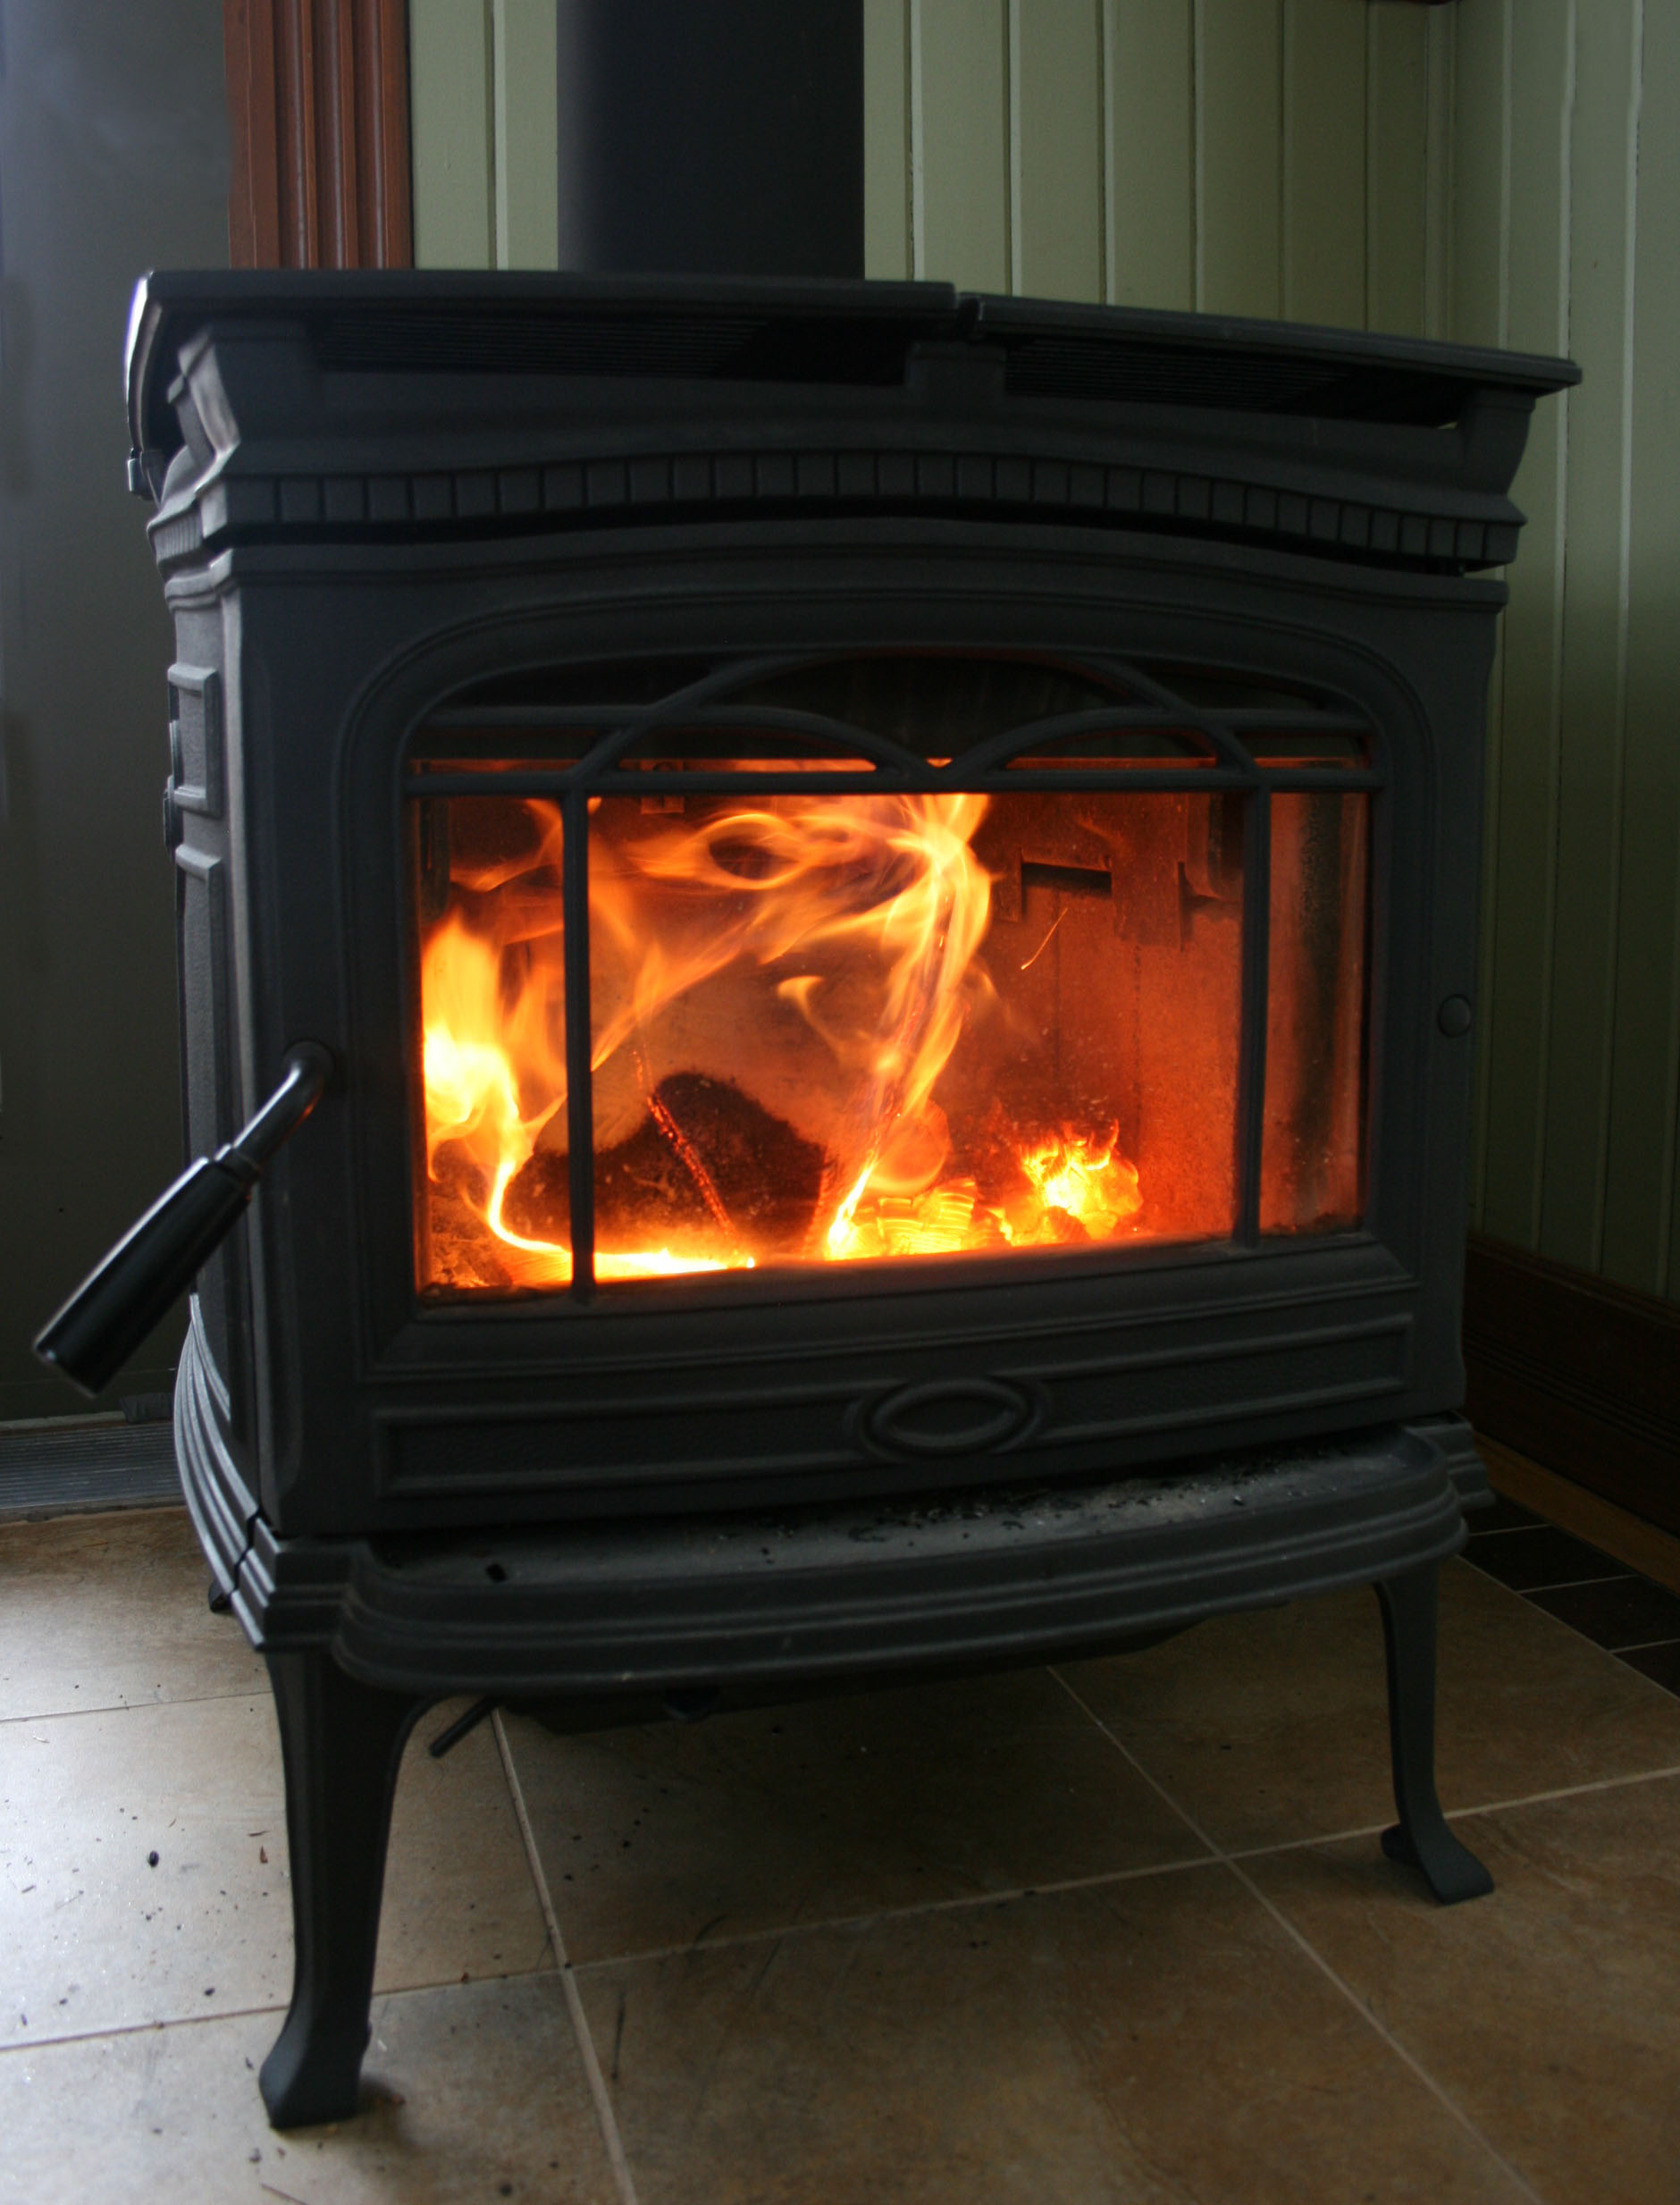 Enerzone Wood Stove Choice Image Quadrafire 4100i Wood Insert Pellet Furnace Photos Stove